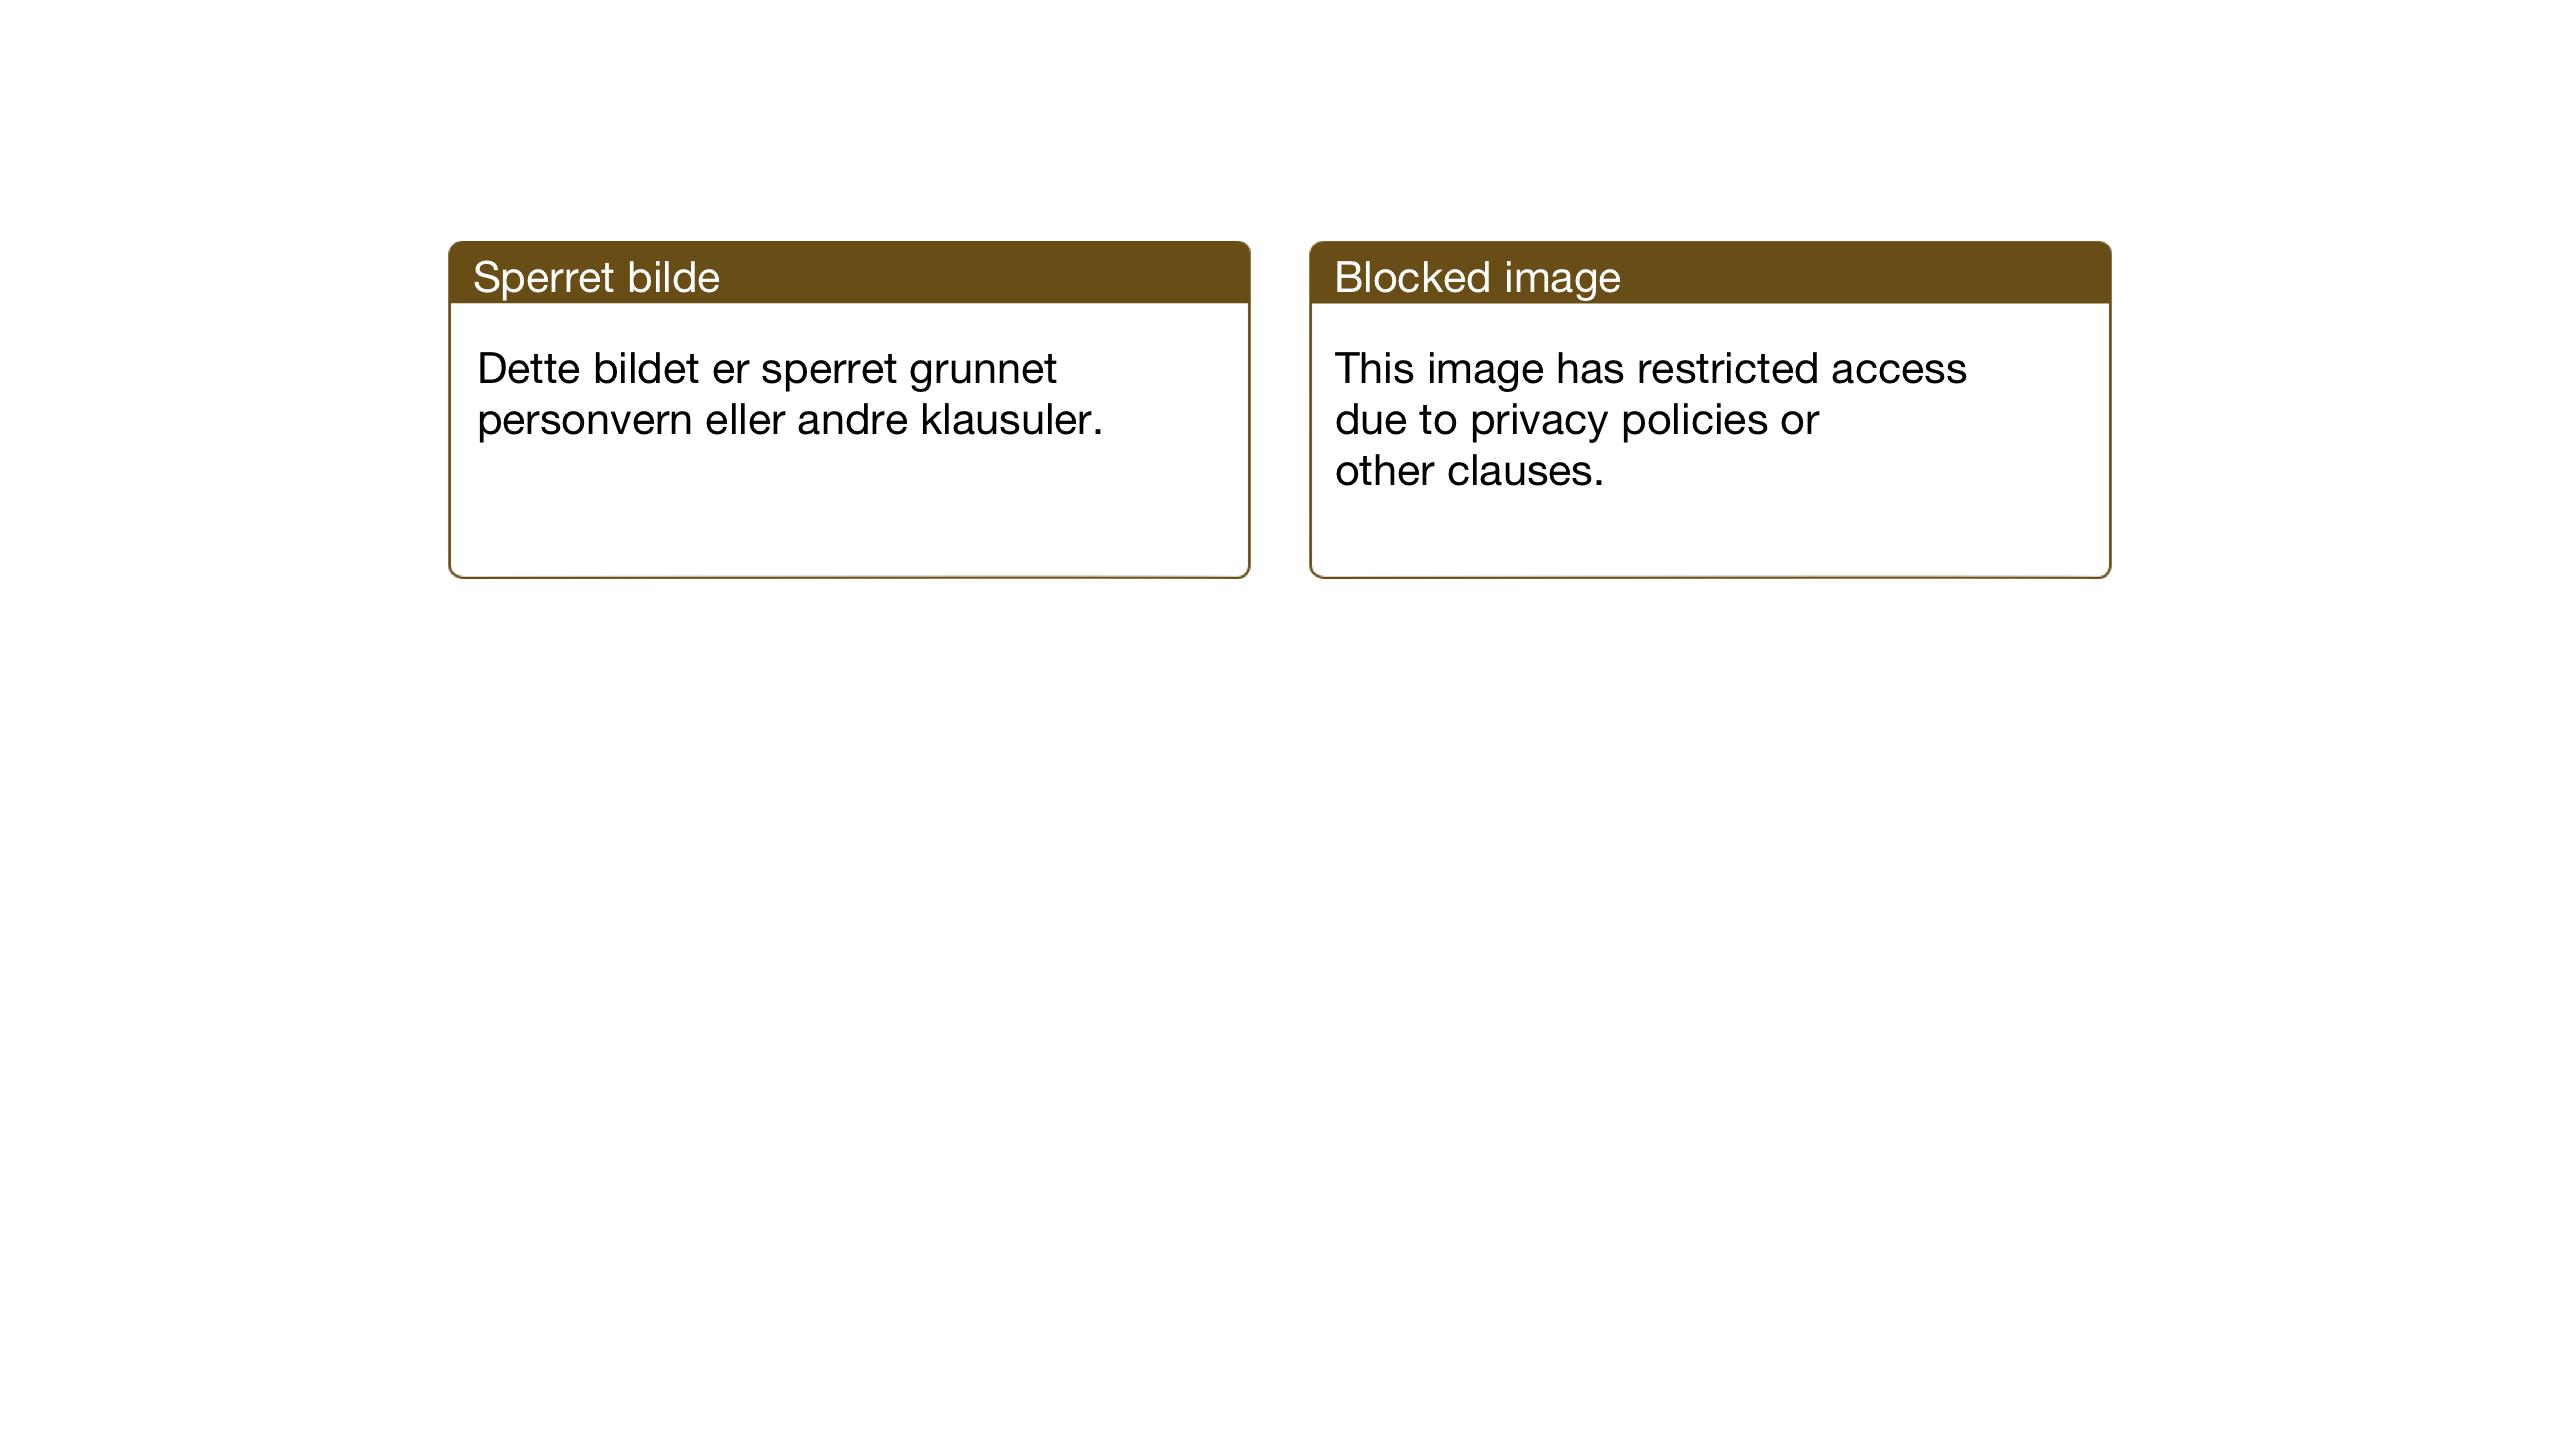 SAT, Ministerialprotokoller, klokkerbøker og fødselsregistre - Nord-Trøndelag, 744/L0425: Klokkerbok nr. 744C04, 1924-1947, s. 34